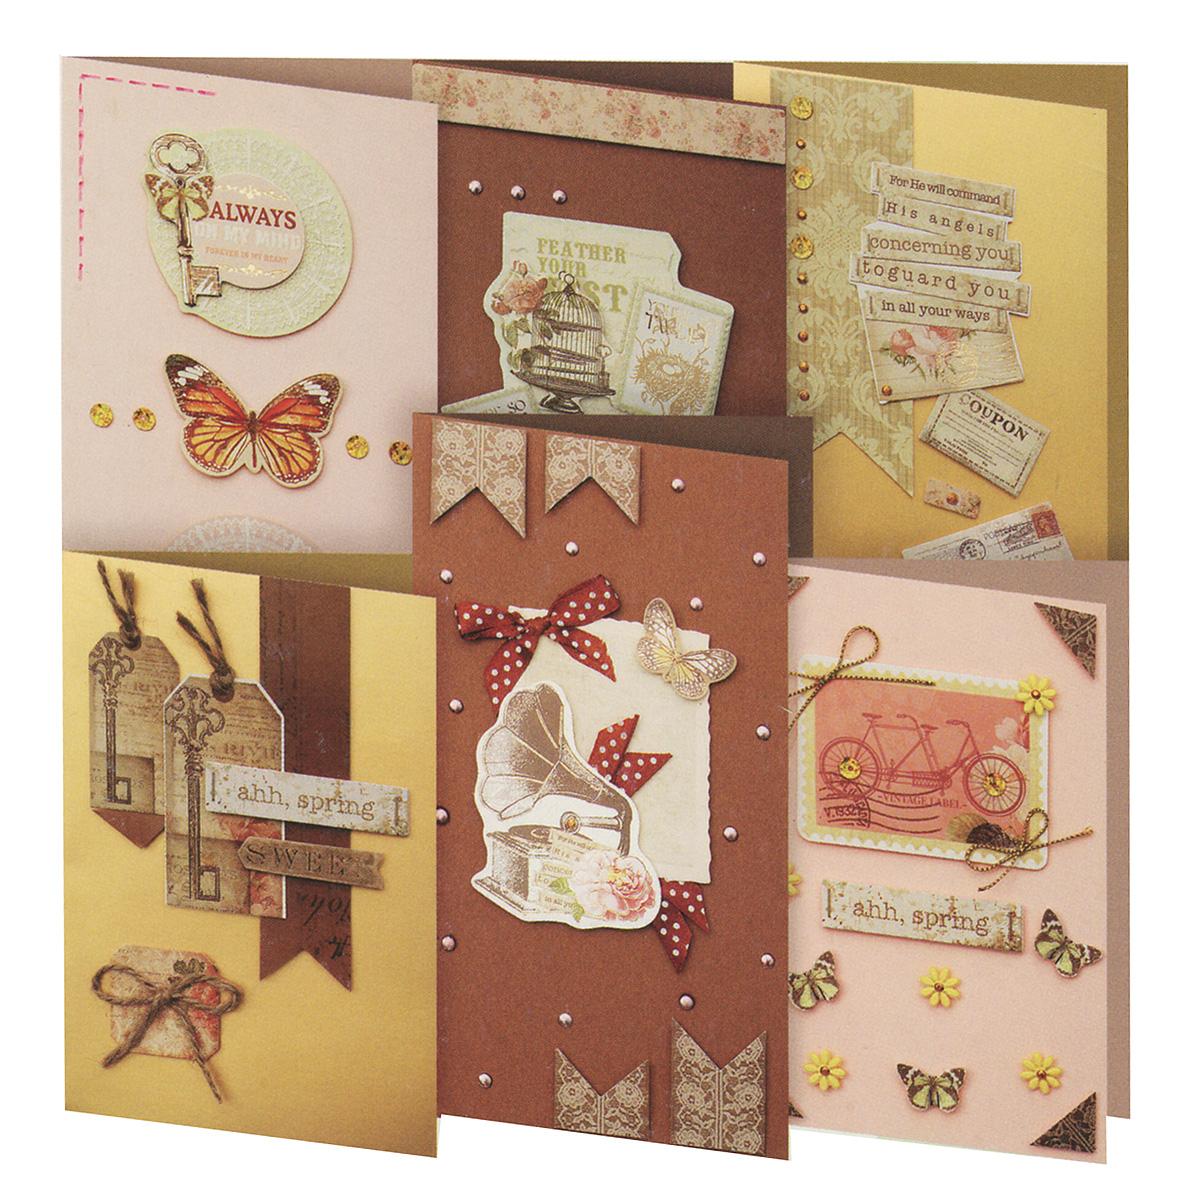 Набор для создания открыток Белоснежка Шоколад, 6 шт221-SB Набор для создания 6-ти открыток ШоколадНабор для создания открыток Белоснежка Шоколад позволит вам и вашему ребенку создать 6 оригинальных открыток из картона в стиле 3D скрапбукинг. Набор включает в себя все необходимое для работы: 6 заготовок для открыток, 6 конвертов, бумага для скрапбукинга, клеевые подушечки, декоративные элементы (вырубка из бумаги, ленты, паетки, стразы, полубусины) и подробную инструкцию на русском языке. Скрапбукинг - это хобби, которое способно приносить массу приятных эмоций не только человеку, который этим занимается, но и его близким, друзьям, родным. Это невероятно увлекательное занятие, которое поможет вам сохранить наиболее памятные и яркие моменты вашей жизни, а также интересно оформить интерьер дома. Размер малой открытки: 11,5 см х 17 см. Размер большой открытки: 11,5 см х 21 см.